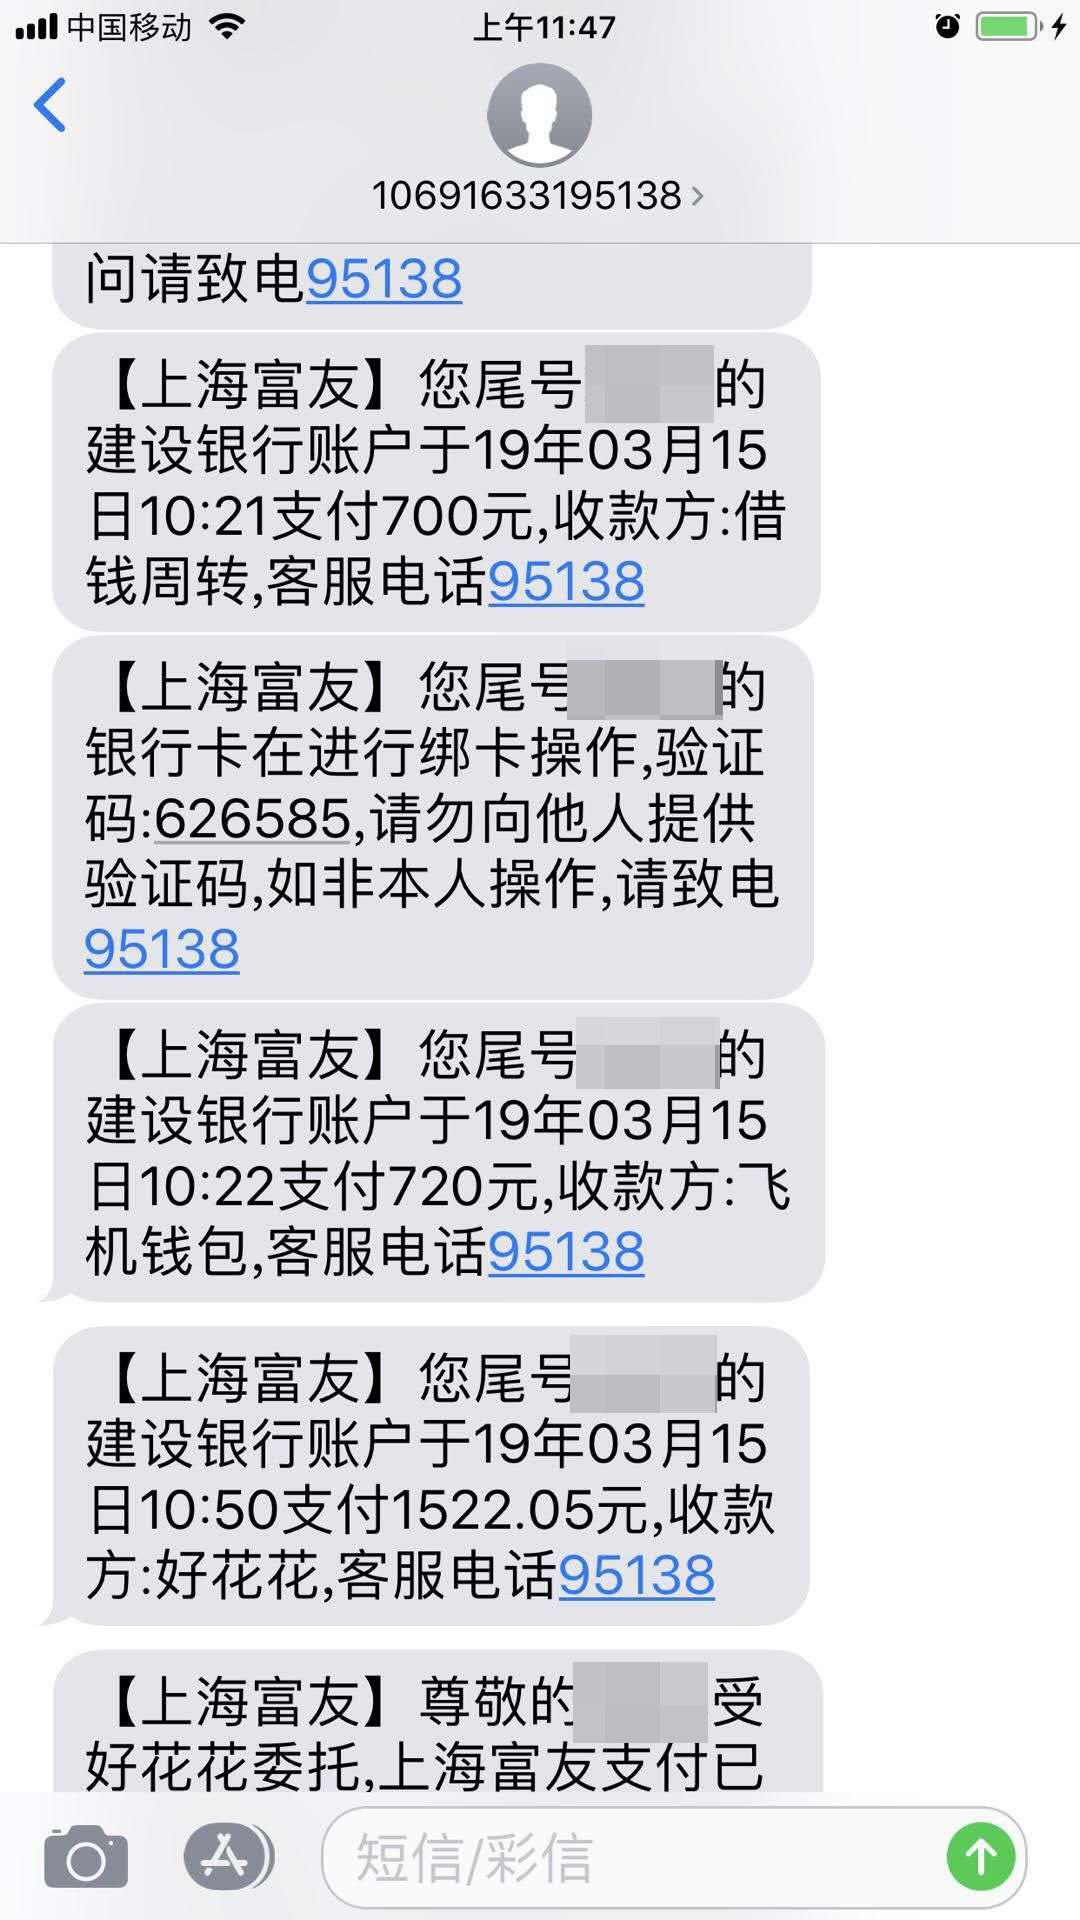 借款人展示的上海富友短信通知截图。